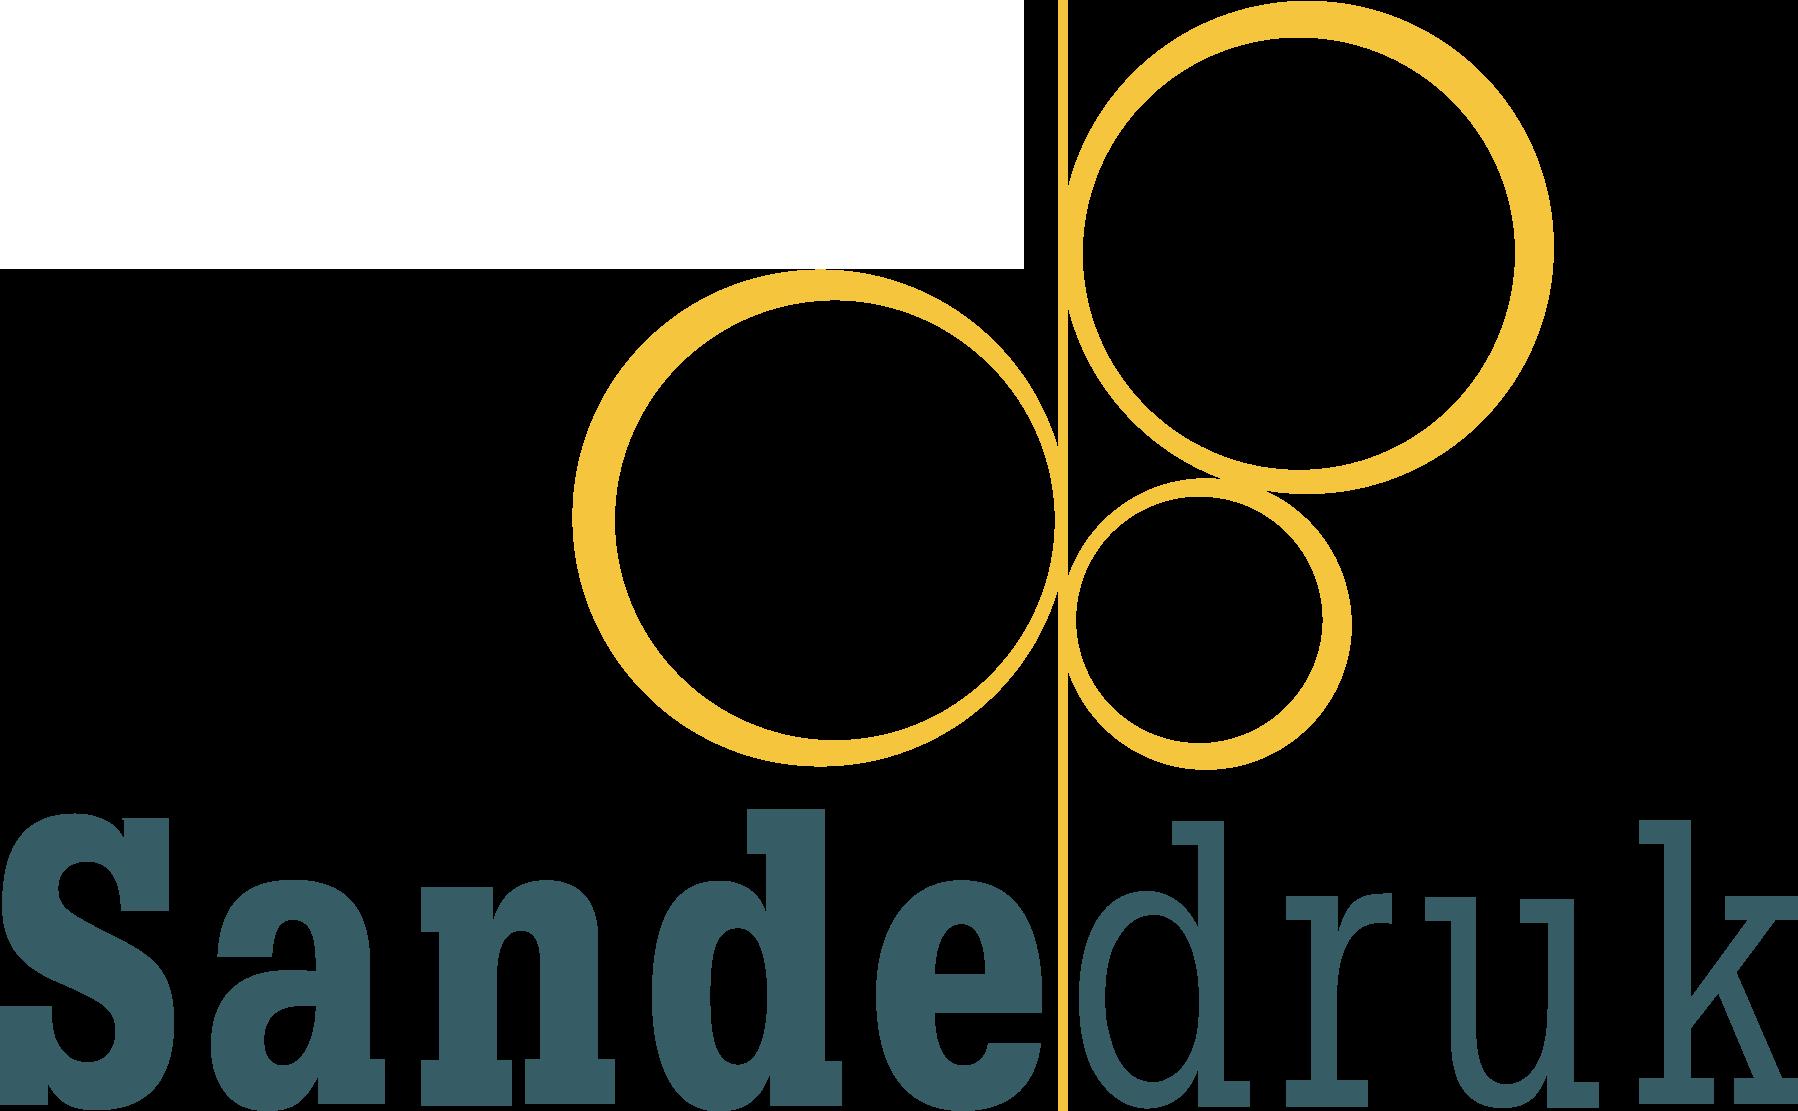 Sande_weblogo